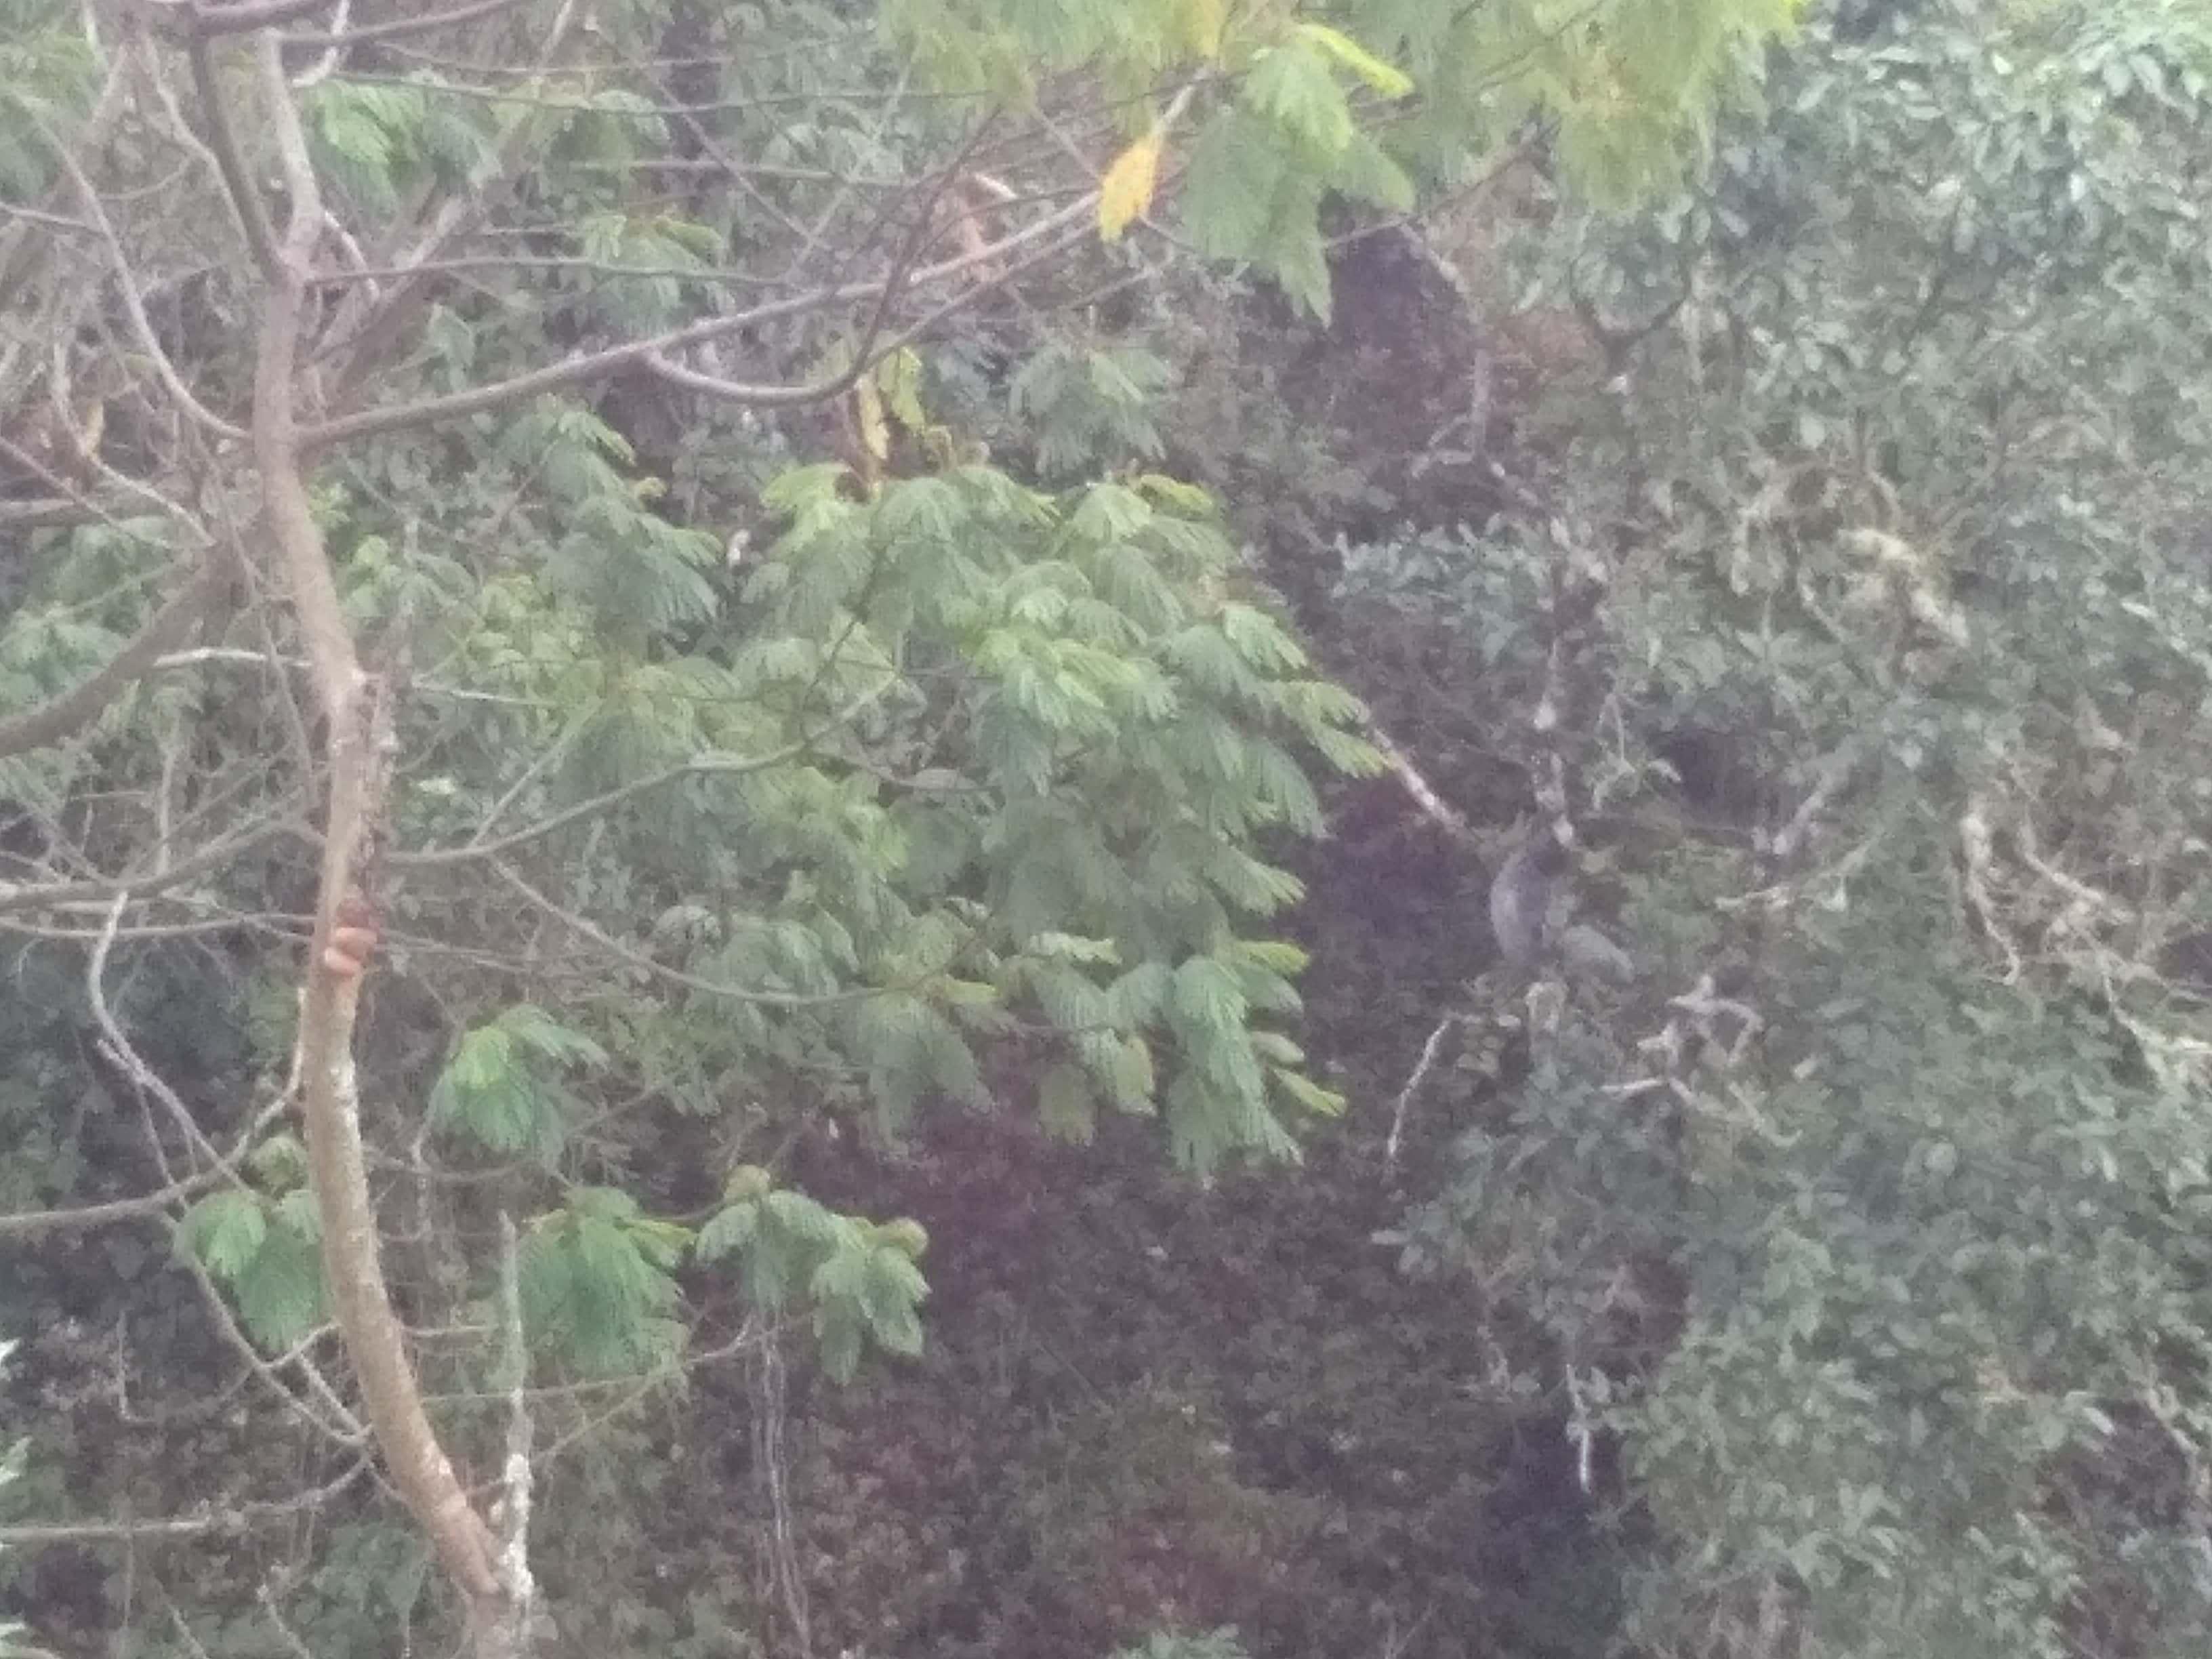 Surili Jawa (Presbytis comata) sedang menikmati pemandangan Cikurai (Foto oleh : @afvendiant)